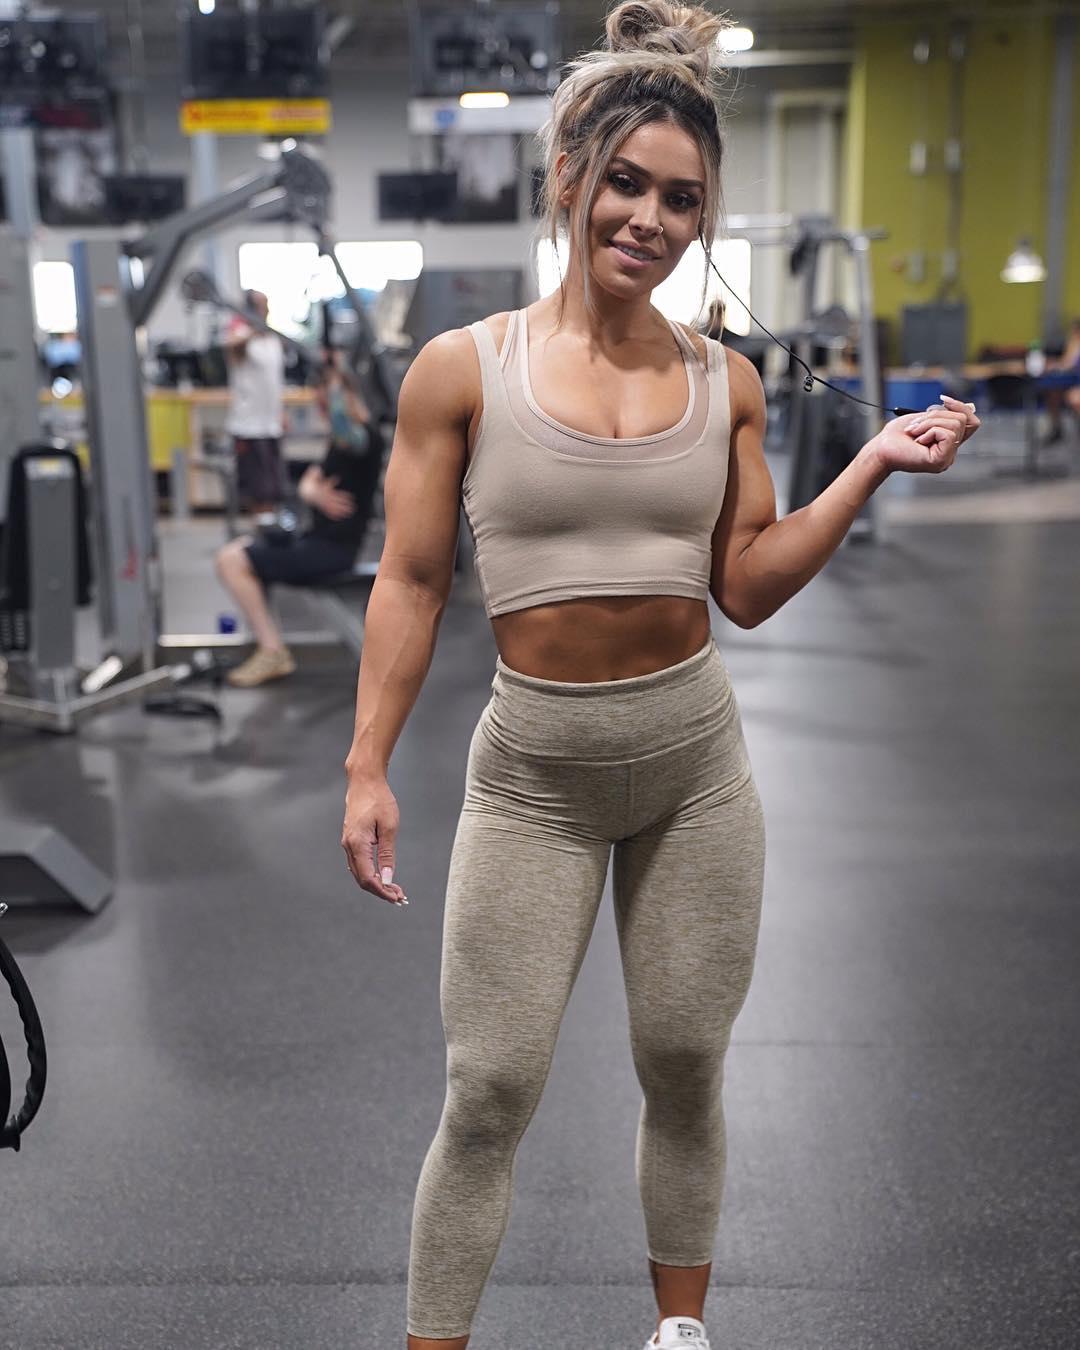 Cass Martin - Height, Weight, Age, Fitness & Diet